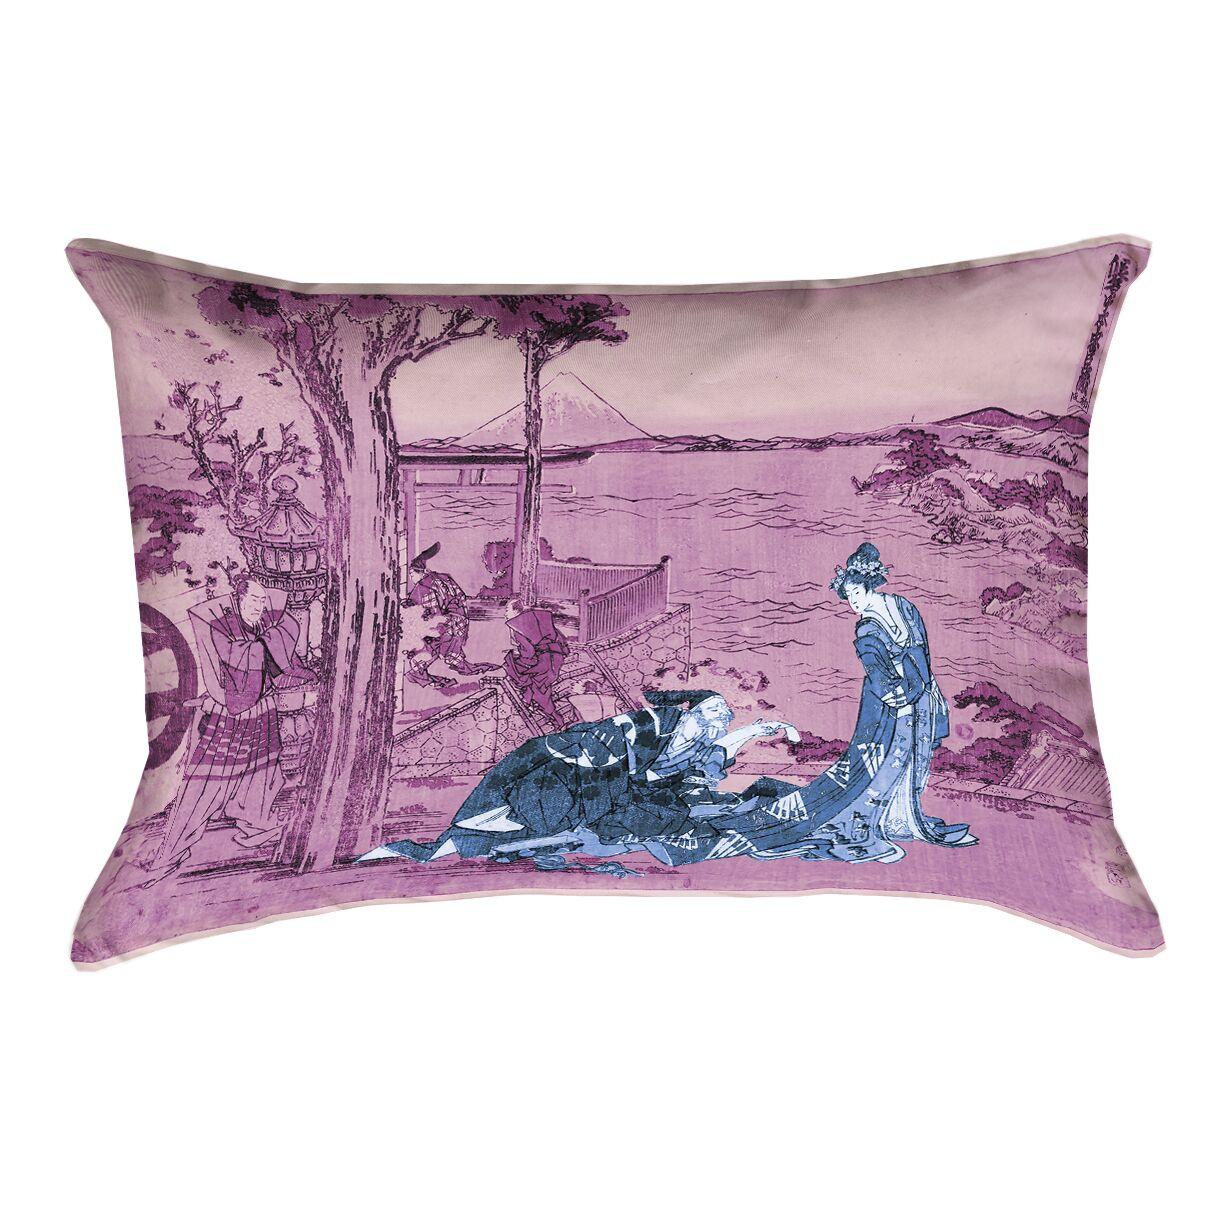 Enya Japanese Courtesan Outdoor Lumbar Pillow Color: Blue/Pink